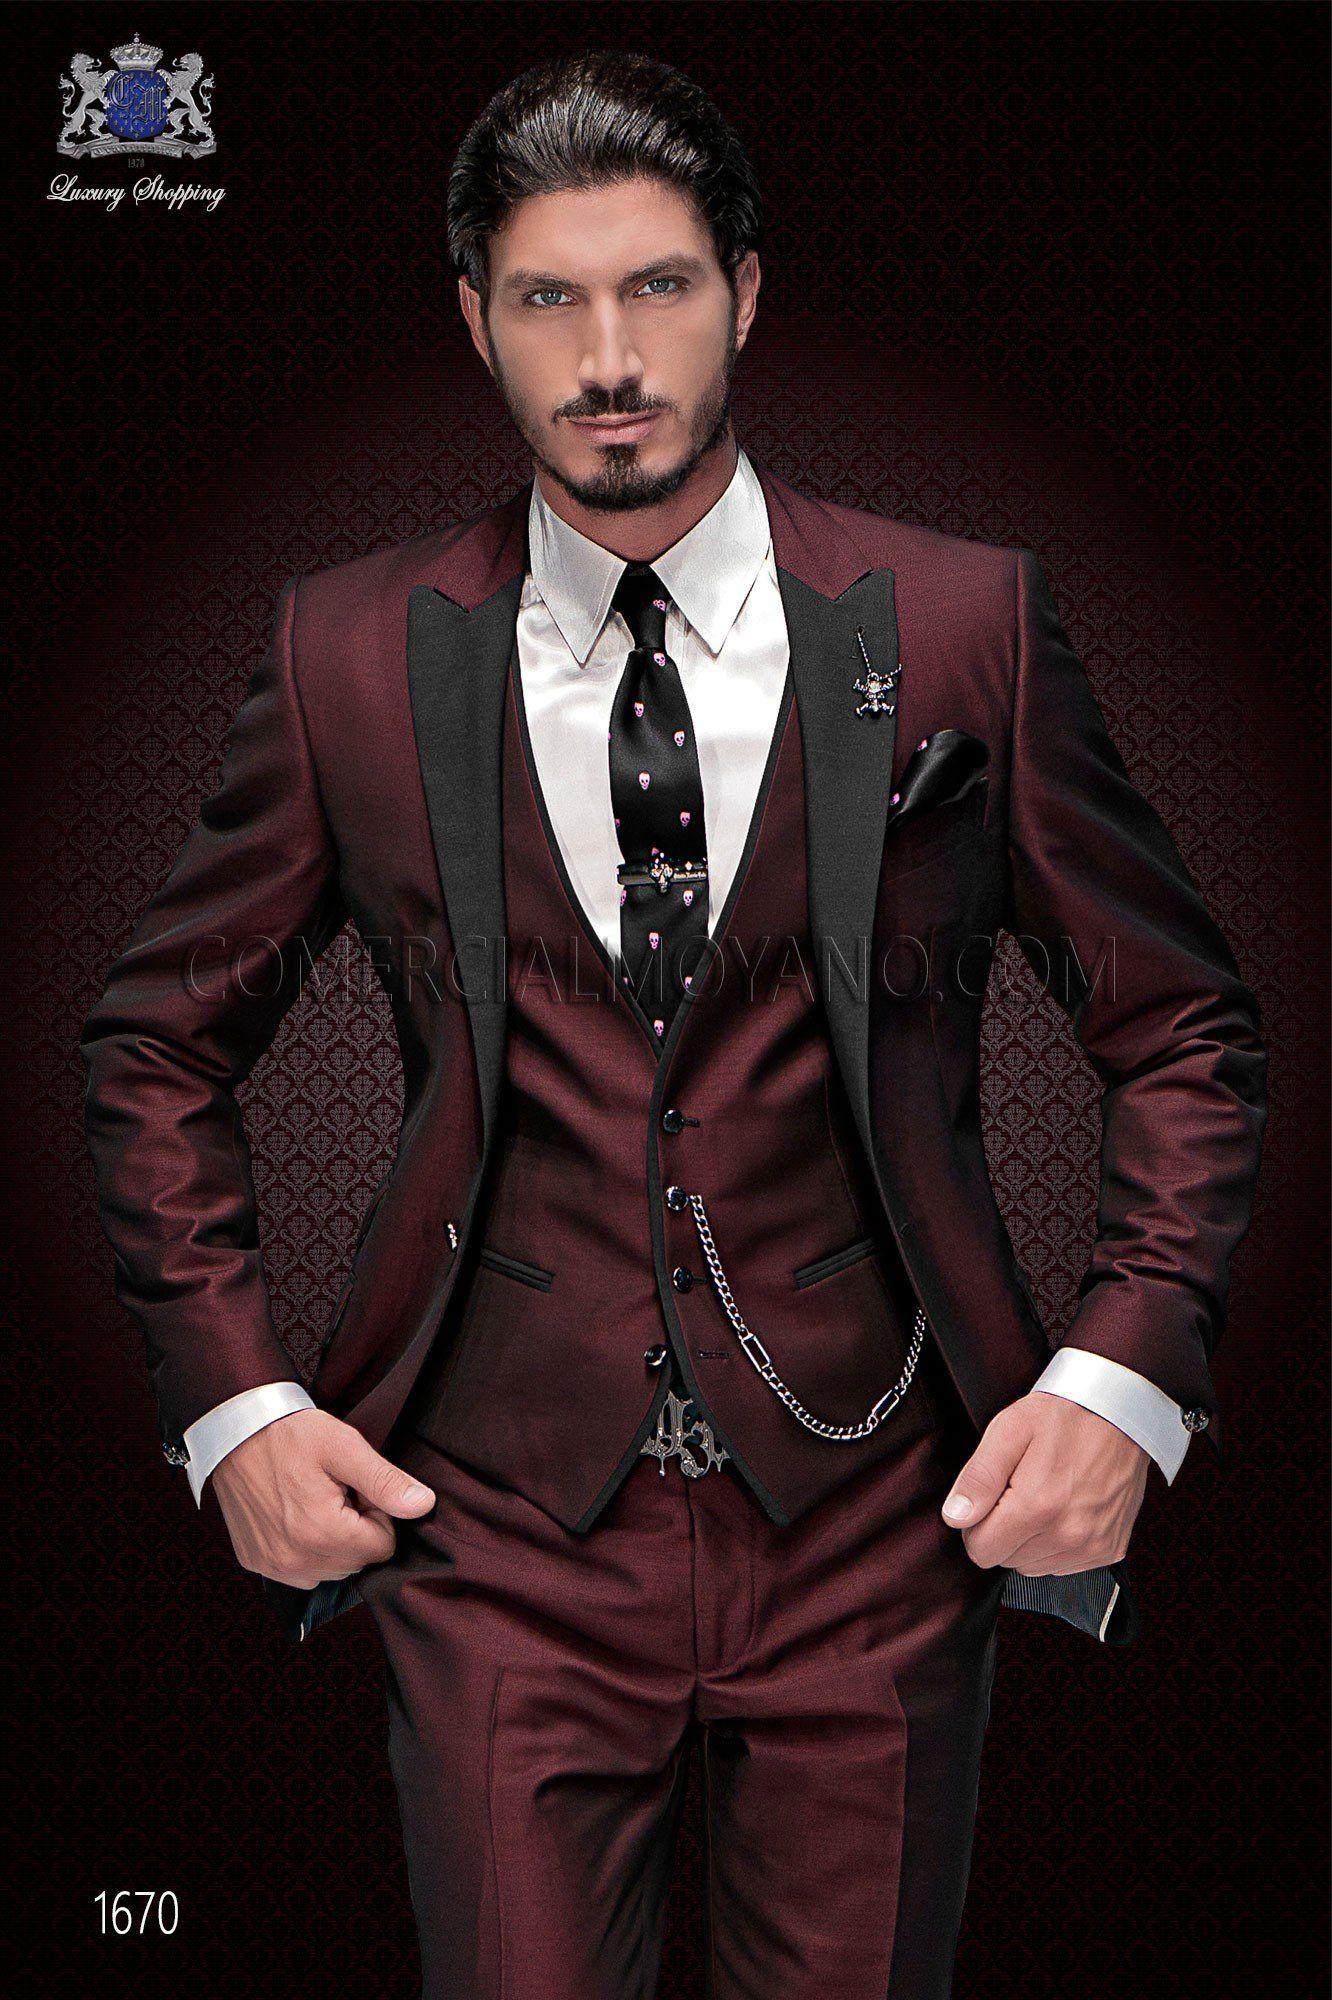 Traje de novio italiano de moda. Traje de moda rojo de 1 botón y exclusivo  corte italiano. Traje rojo colección emotion 1670 Ottavio Nuccio Gala fab798d08a8c